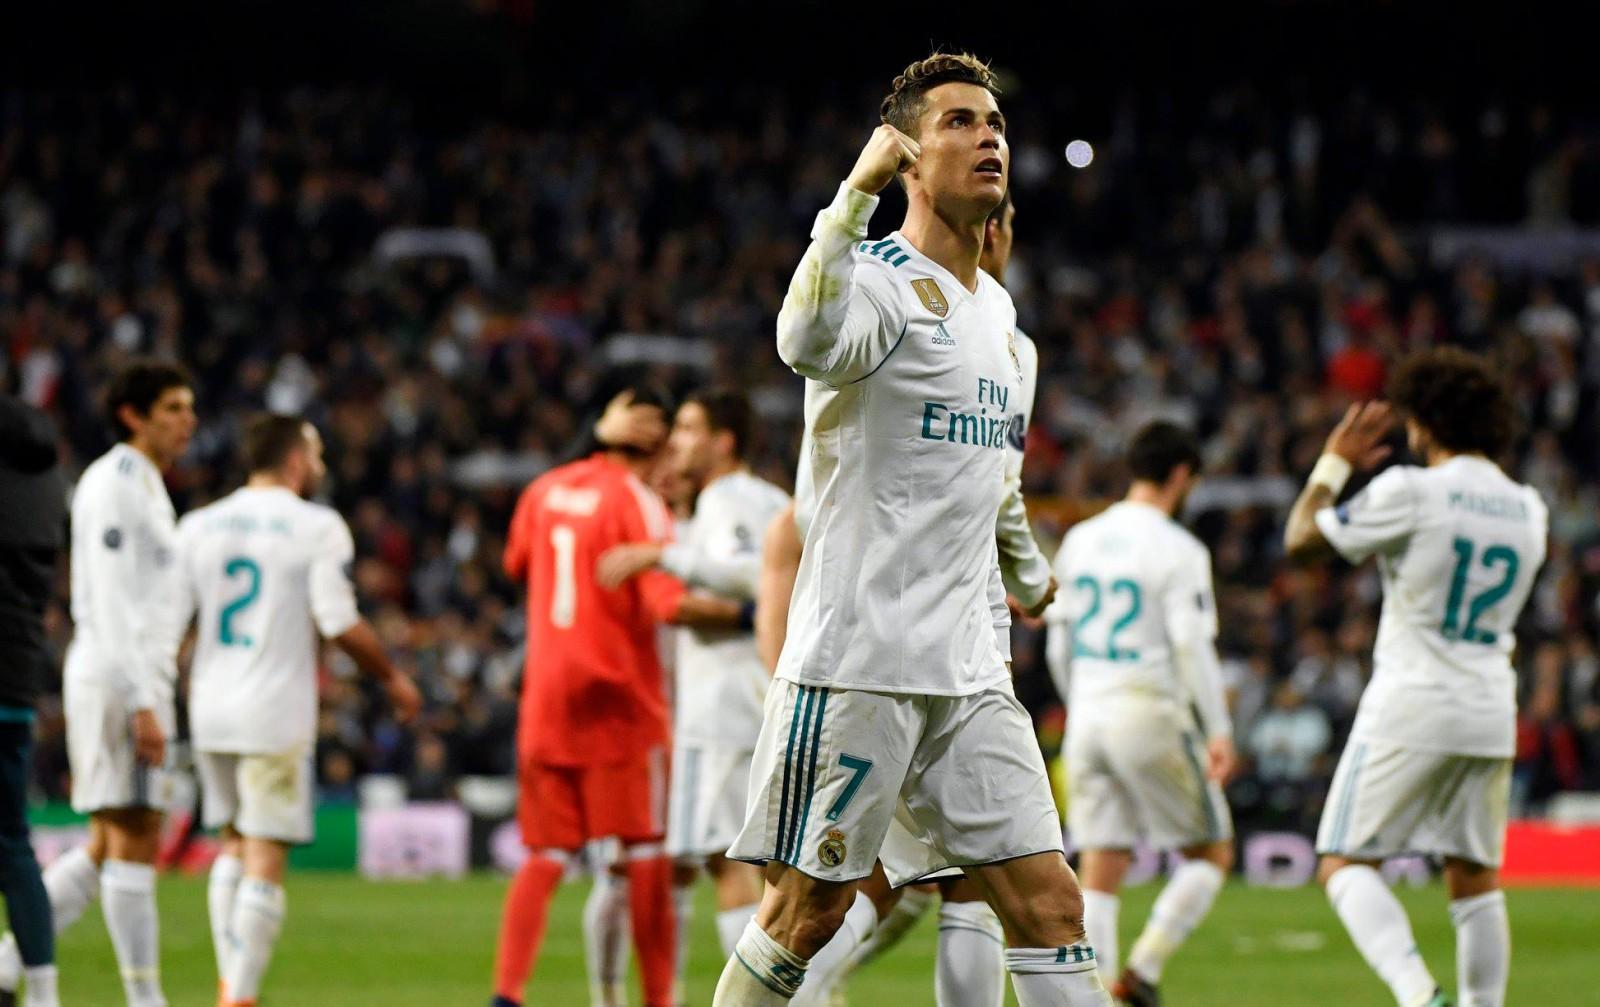 Meci nebun pe Santiago Bernabeu! Real Madrid s-a calificat cu emoții în semifinalele Ligii Campionilor